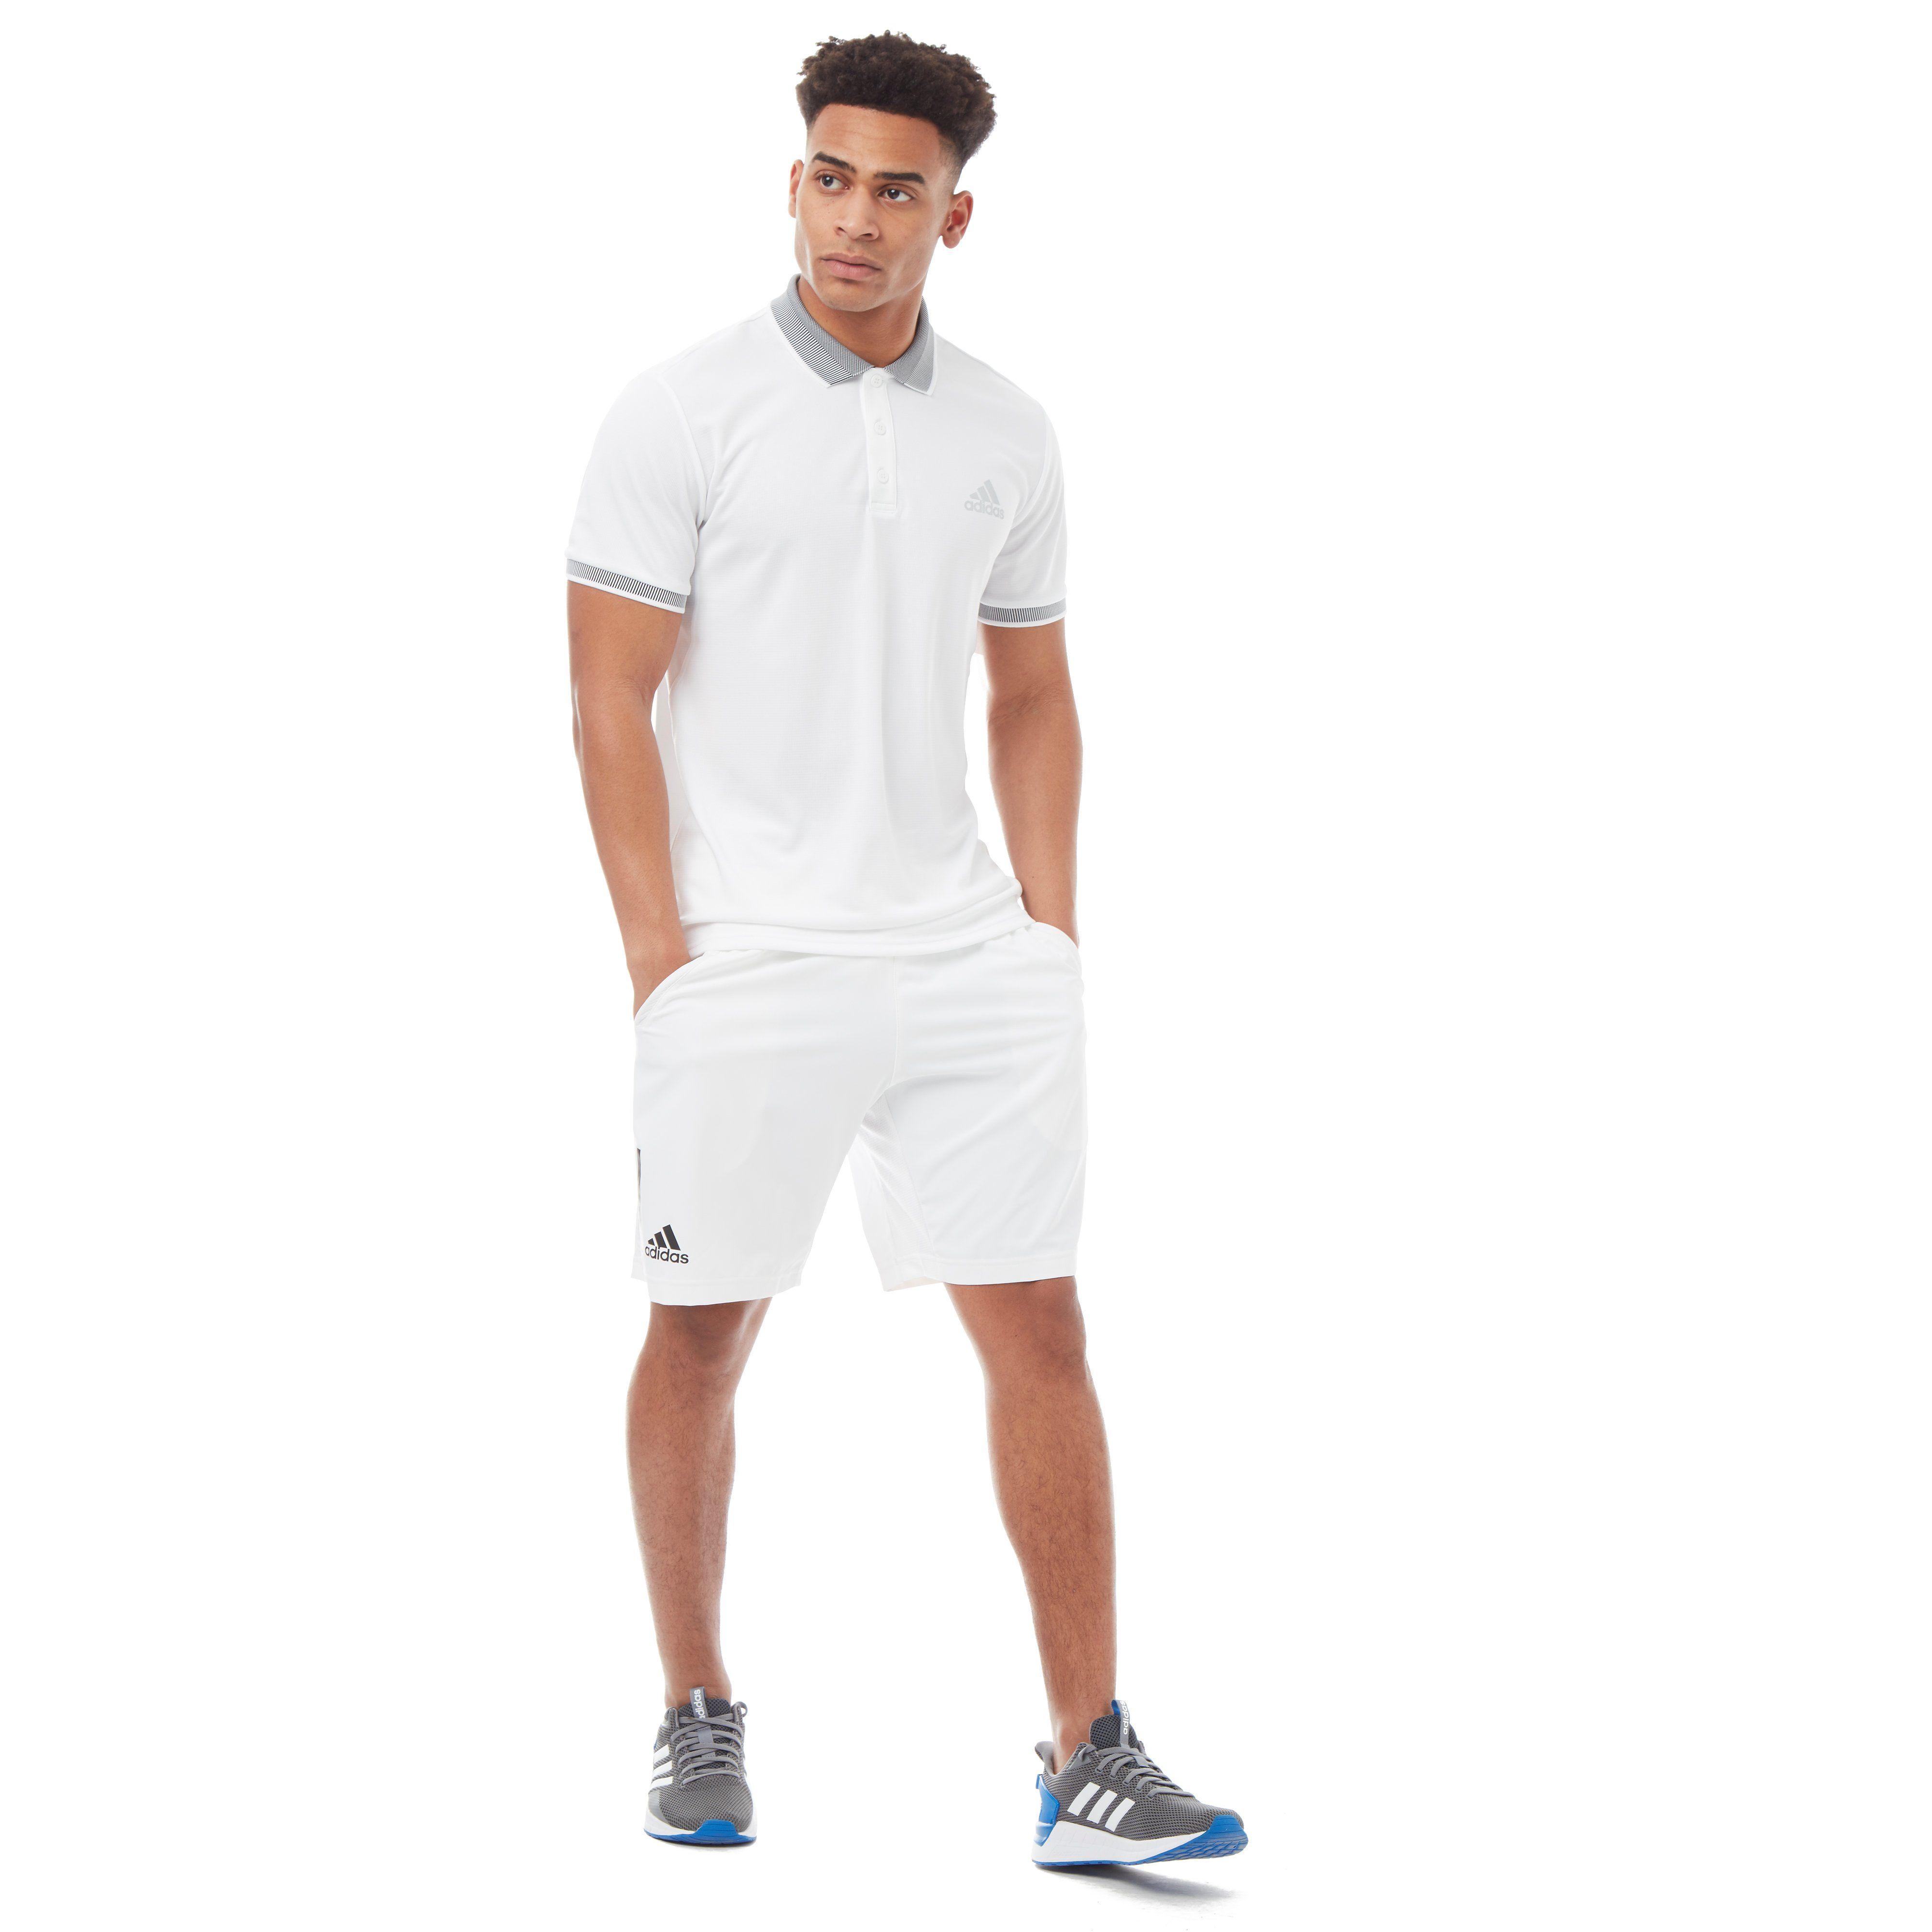 adidas Club Solid Men's Tennis Polo Shirt